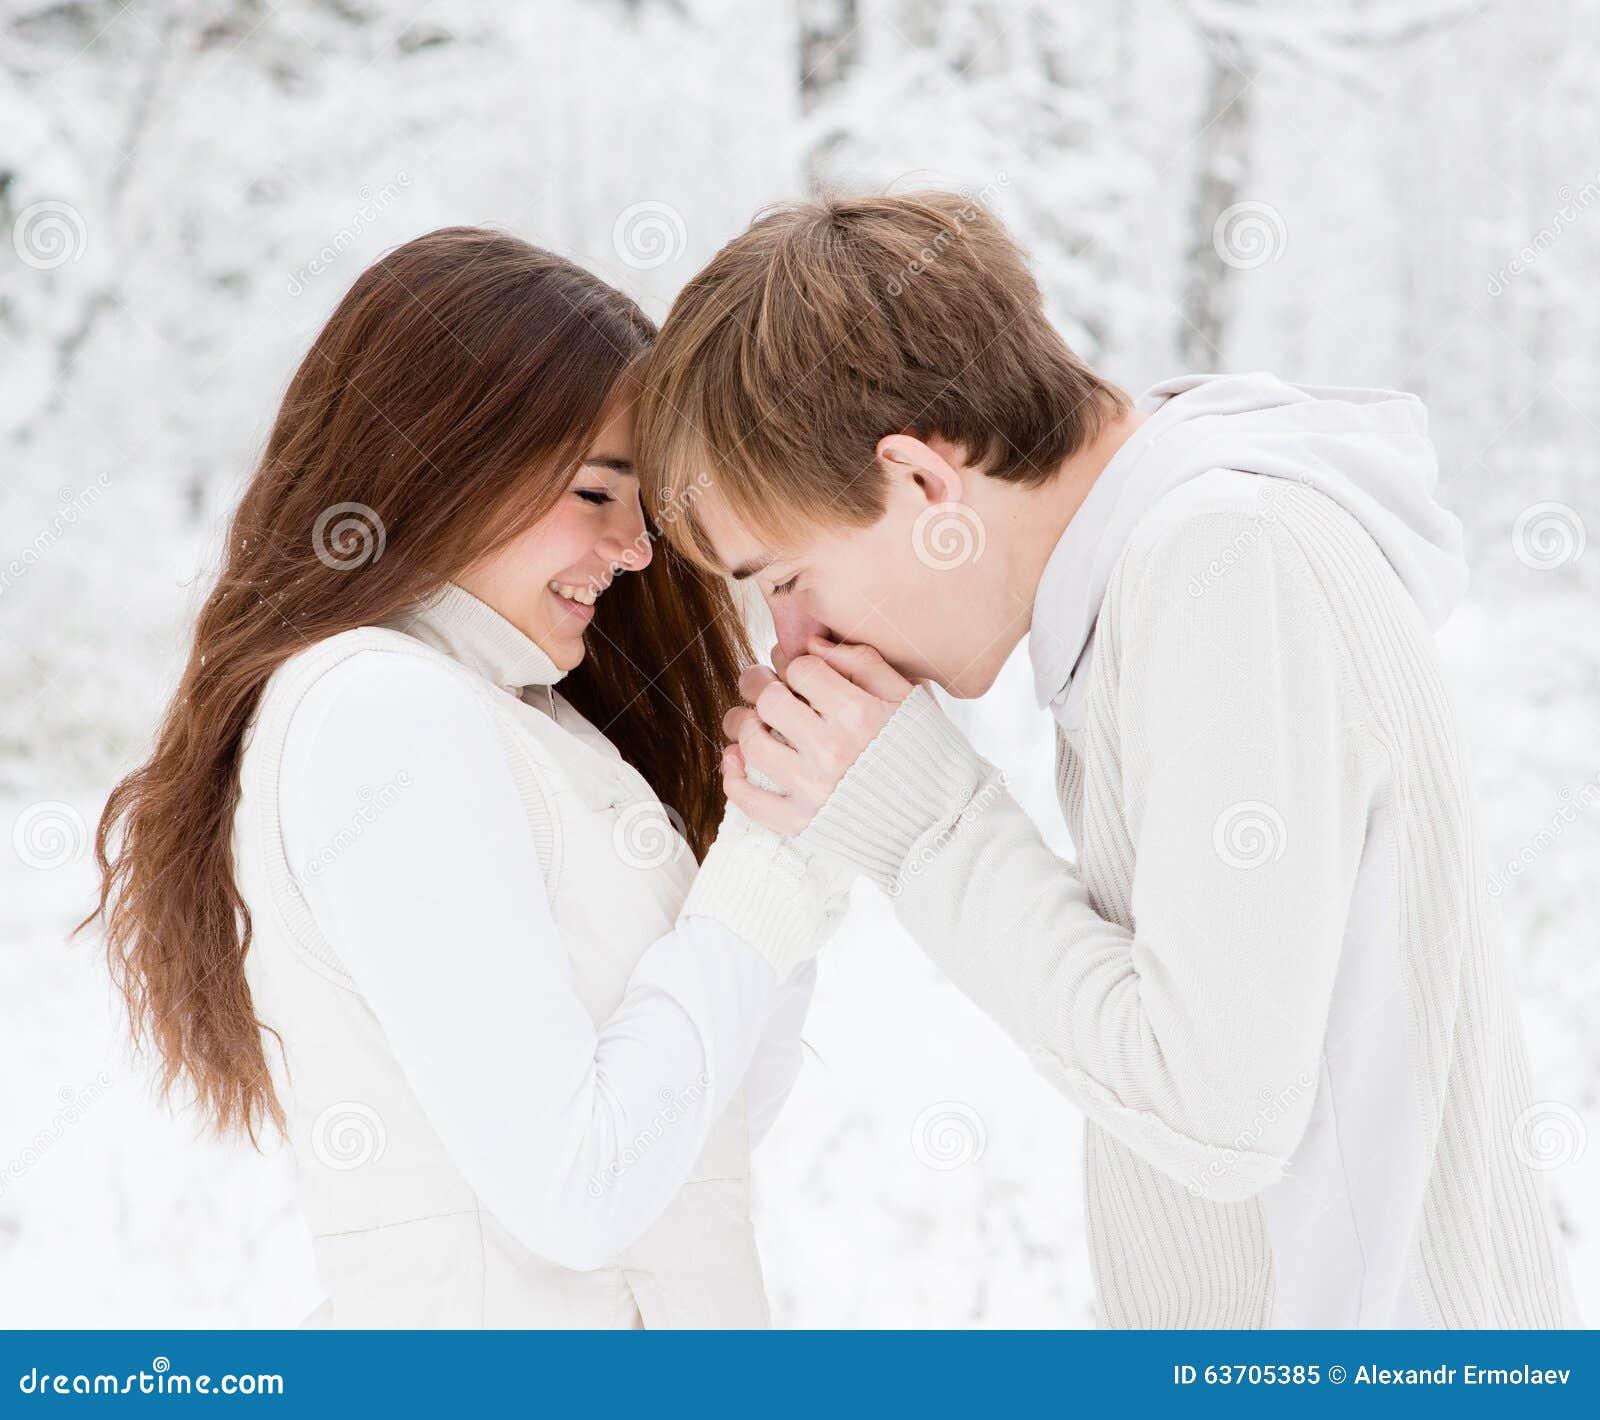 Pojkvännen värme handälsklingen som frysas i förkylningen